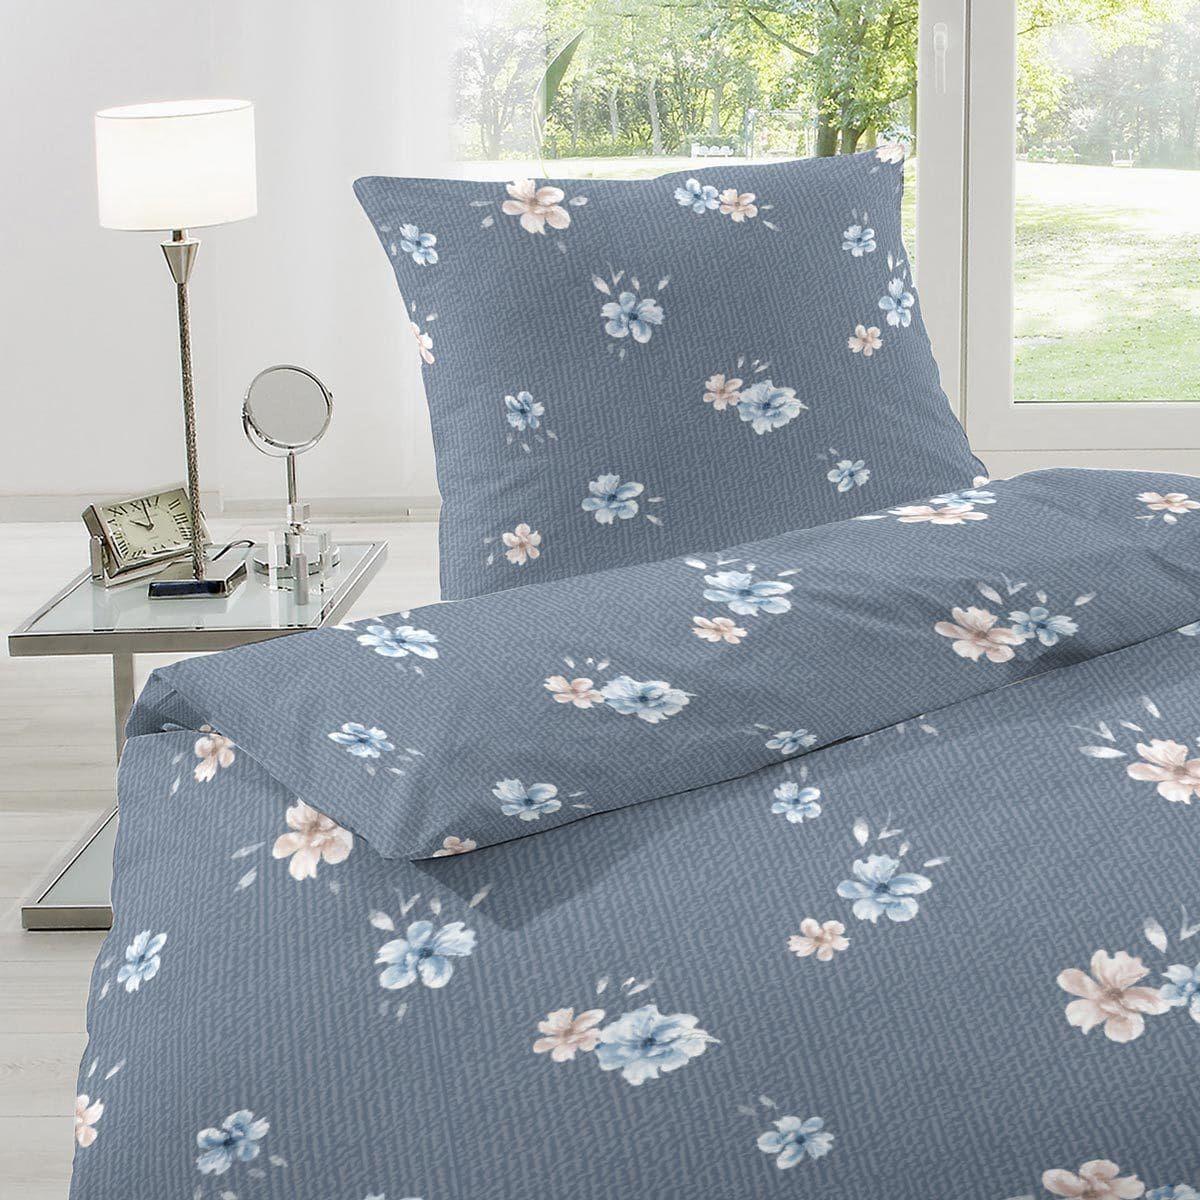 Hahn Feinbiber Bettwasche Blumen Blau Gunstig Online Kaufen Bei